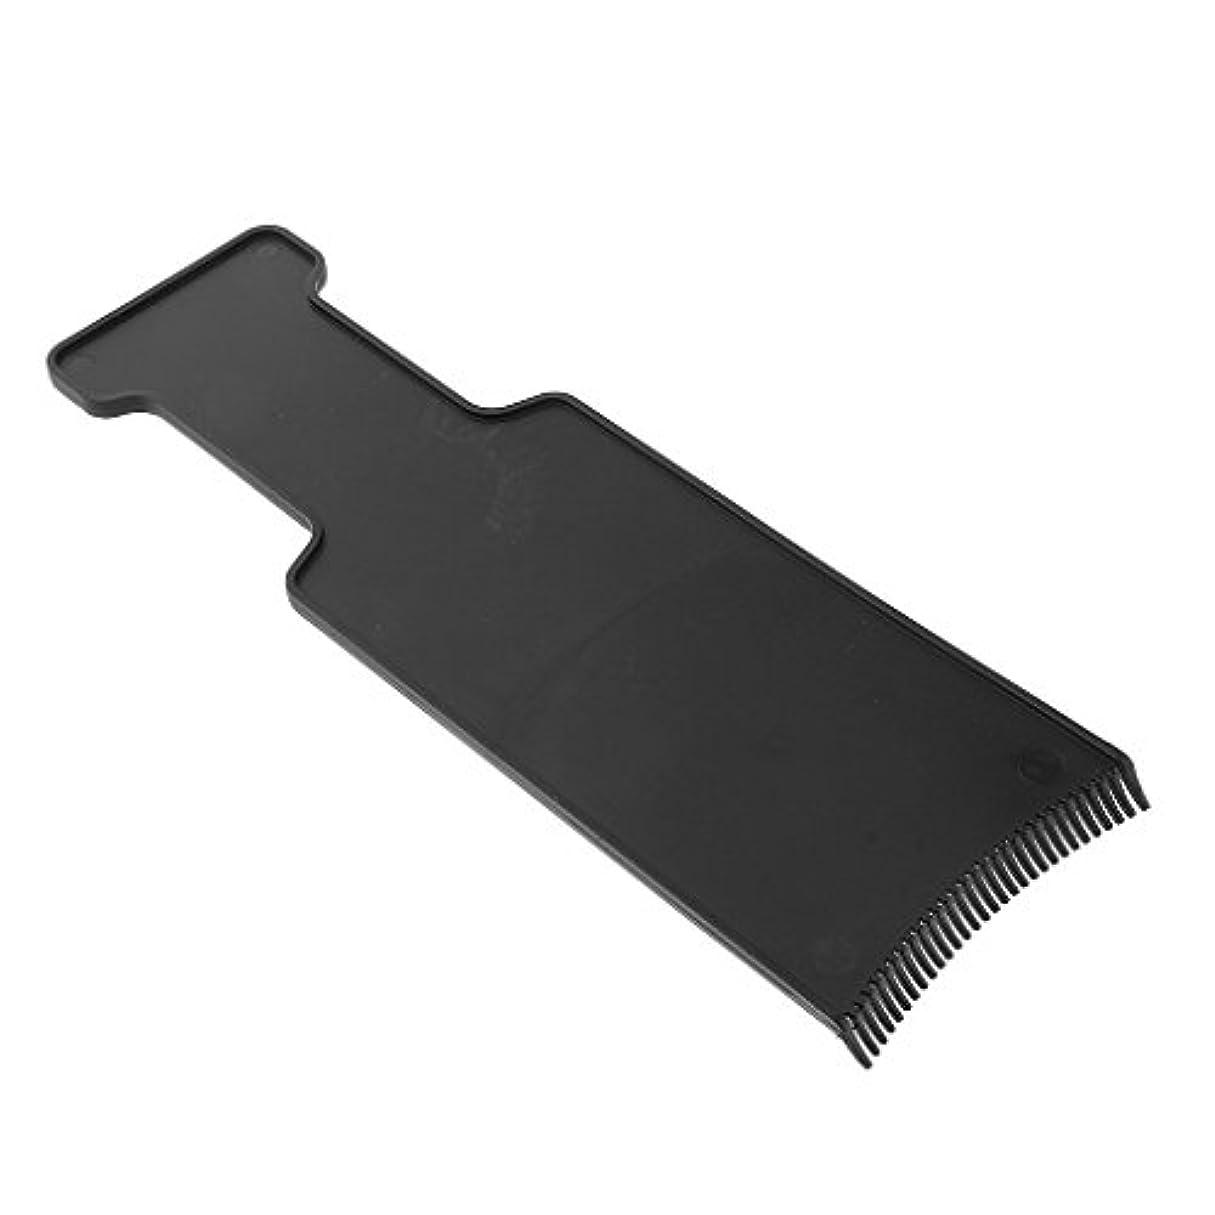 古い破滅加速度サロン ヘアカラー ボード ヘアカラーティント 美容 ヘア ツール 髪 保護 ブラック 全4サイズ - M